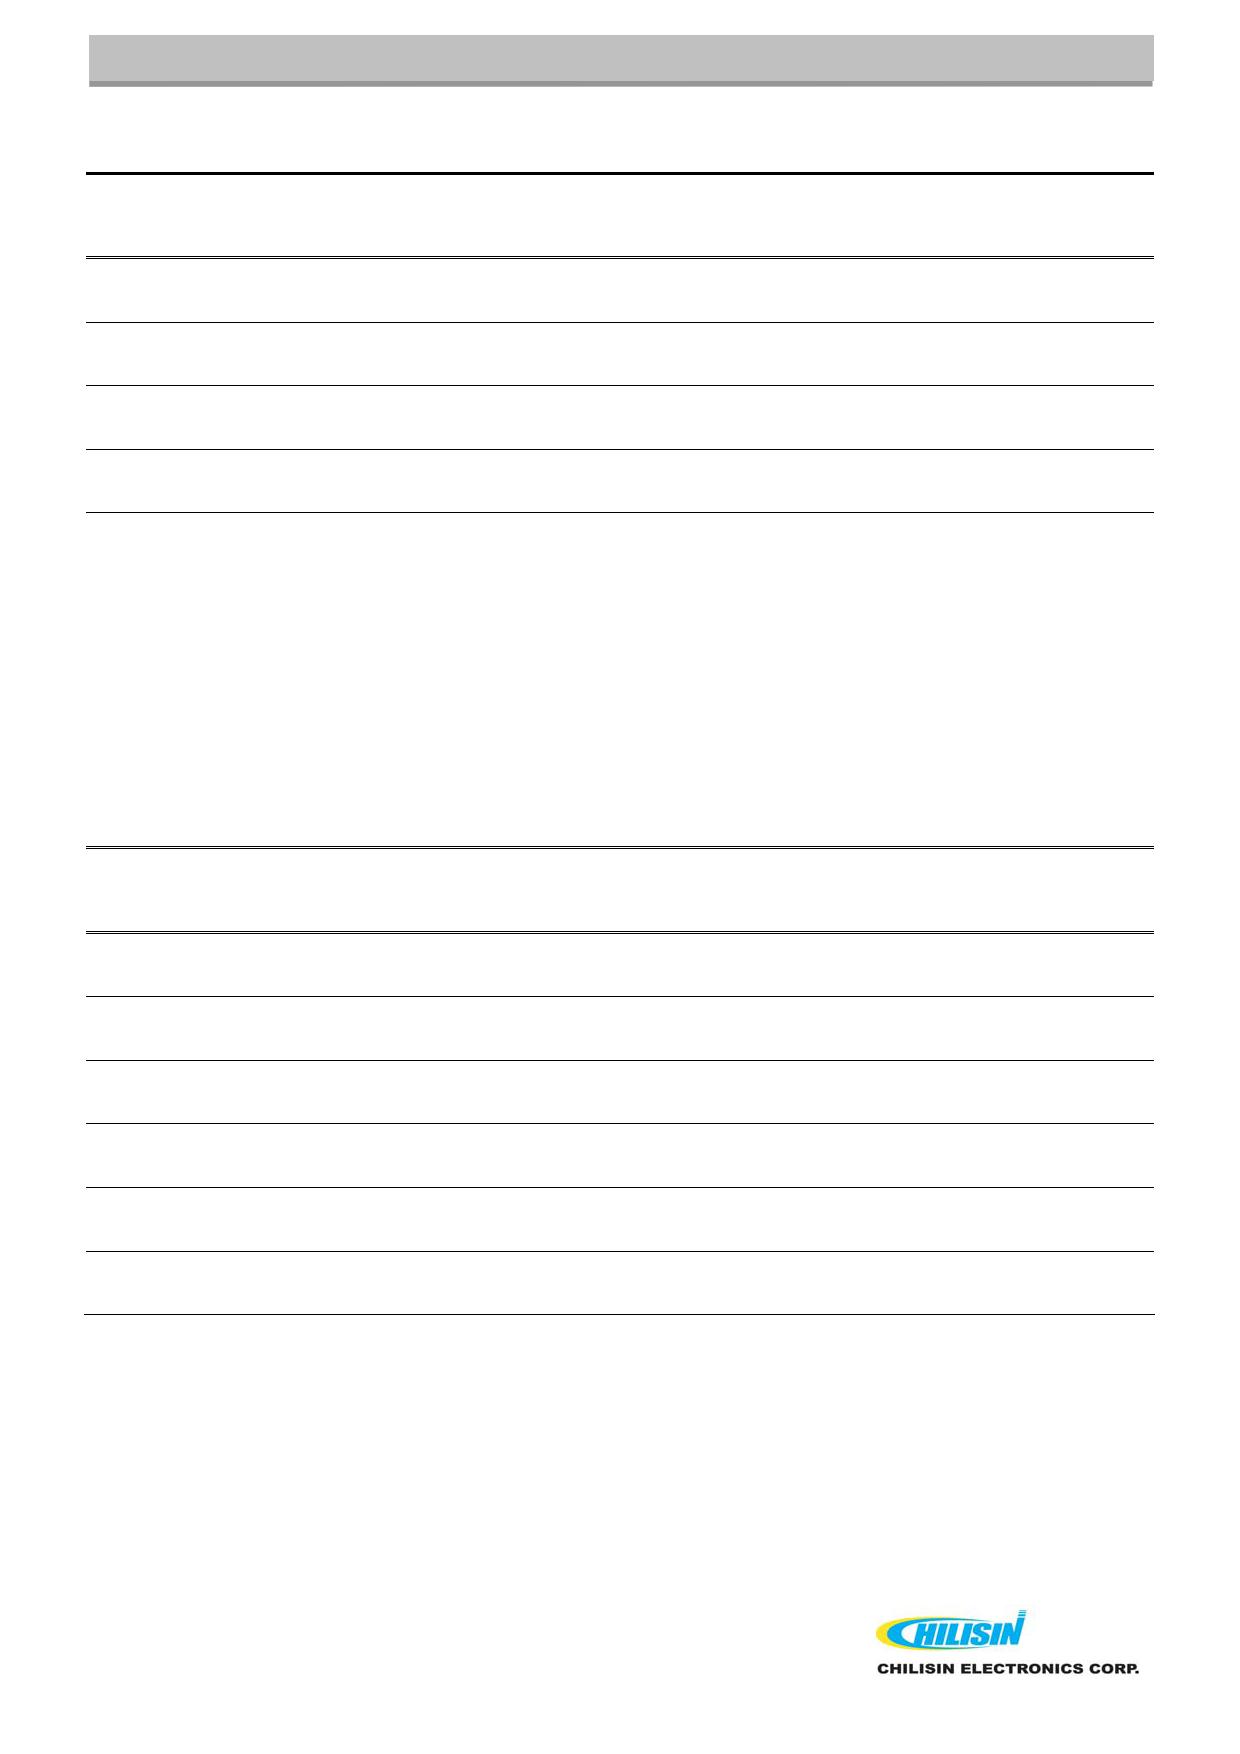 SQC322517T pdf, 반도체, 판매, 대치품